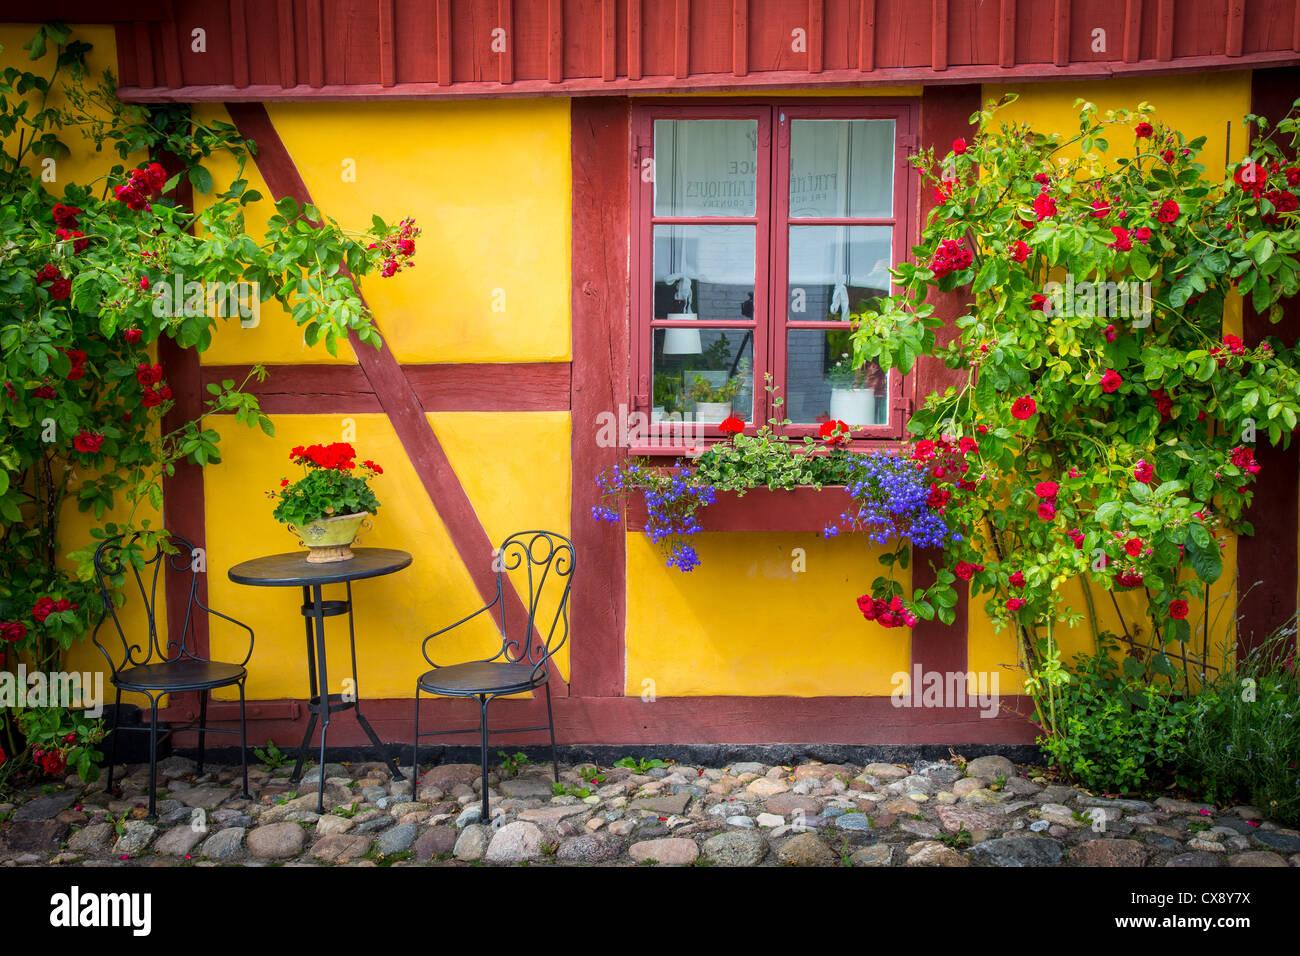 Edificio tradicional, típico del sur de la provincia de Skåne en Suecia Imagen De Stock